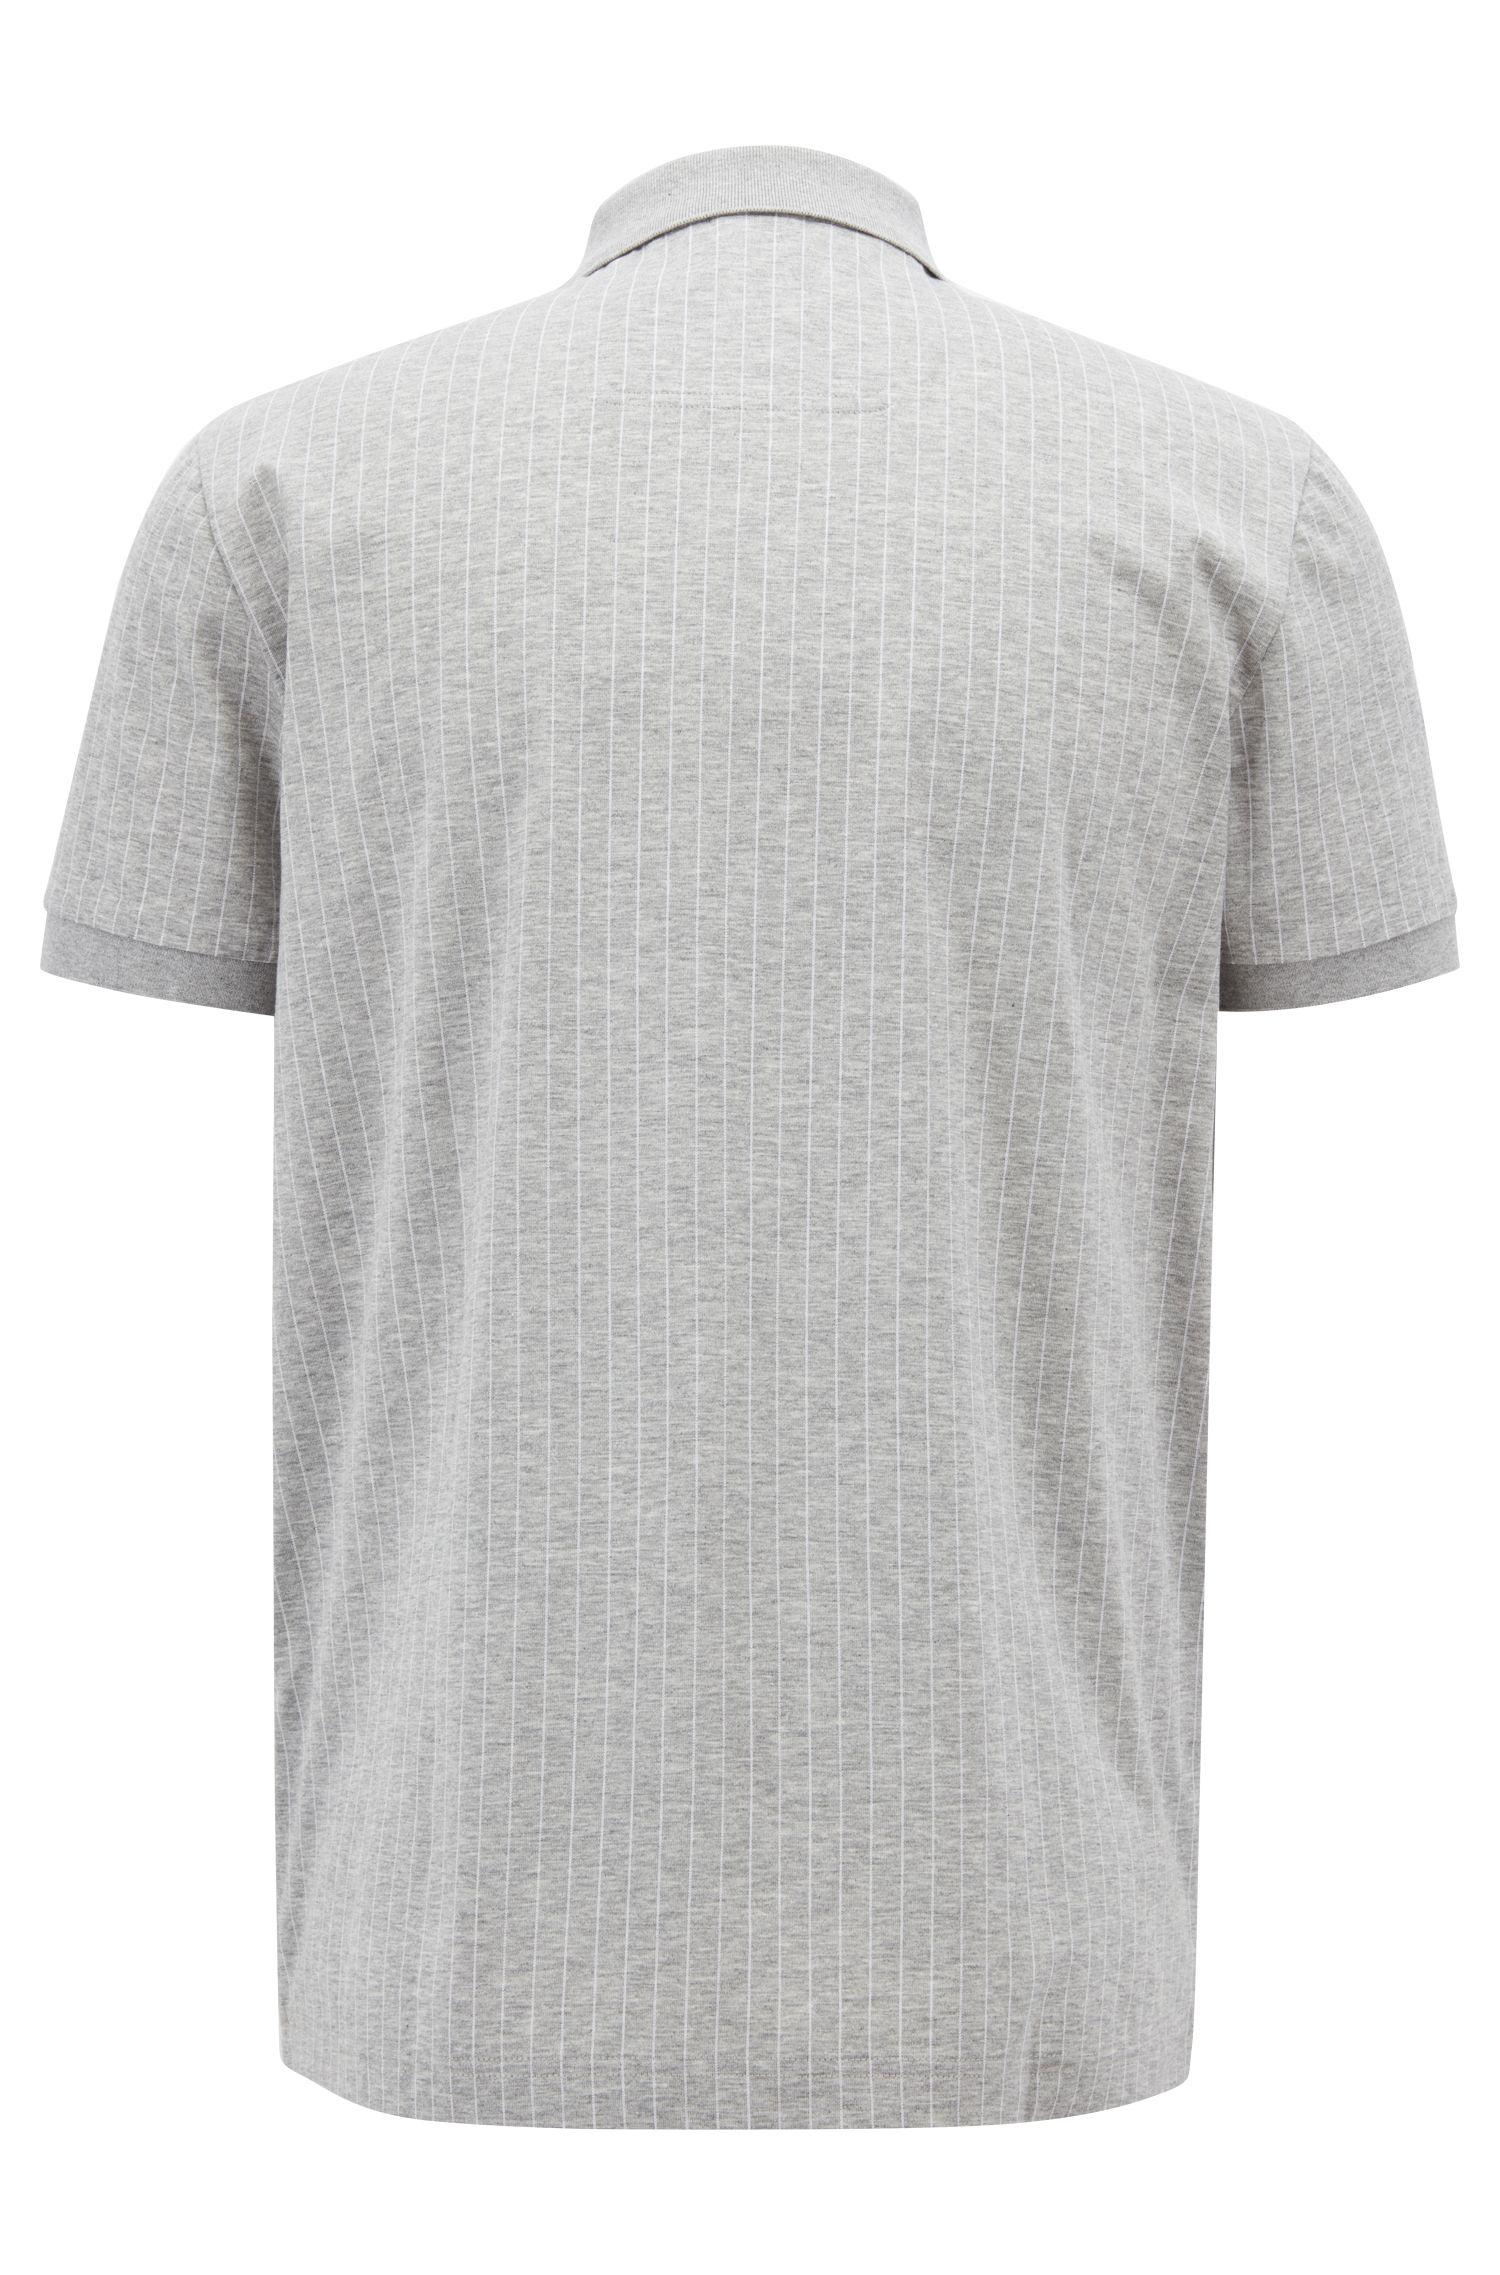 Polo Regular Fit en coton mercerisé à rayures tennis, Gris chiné